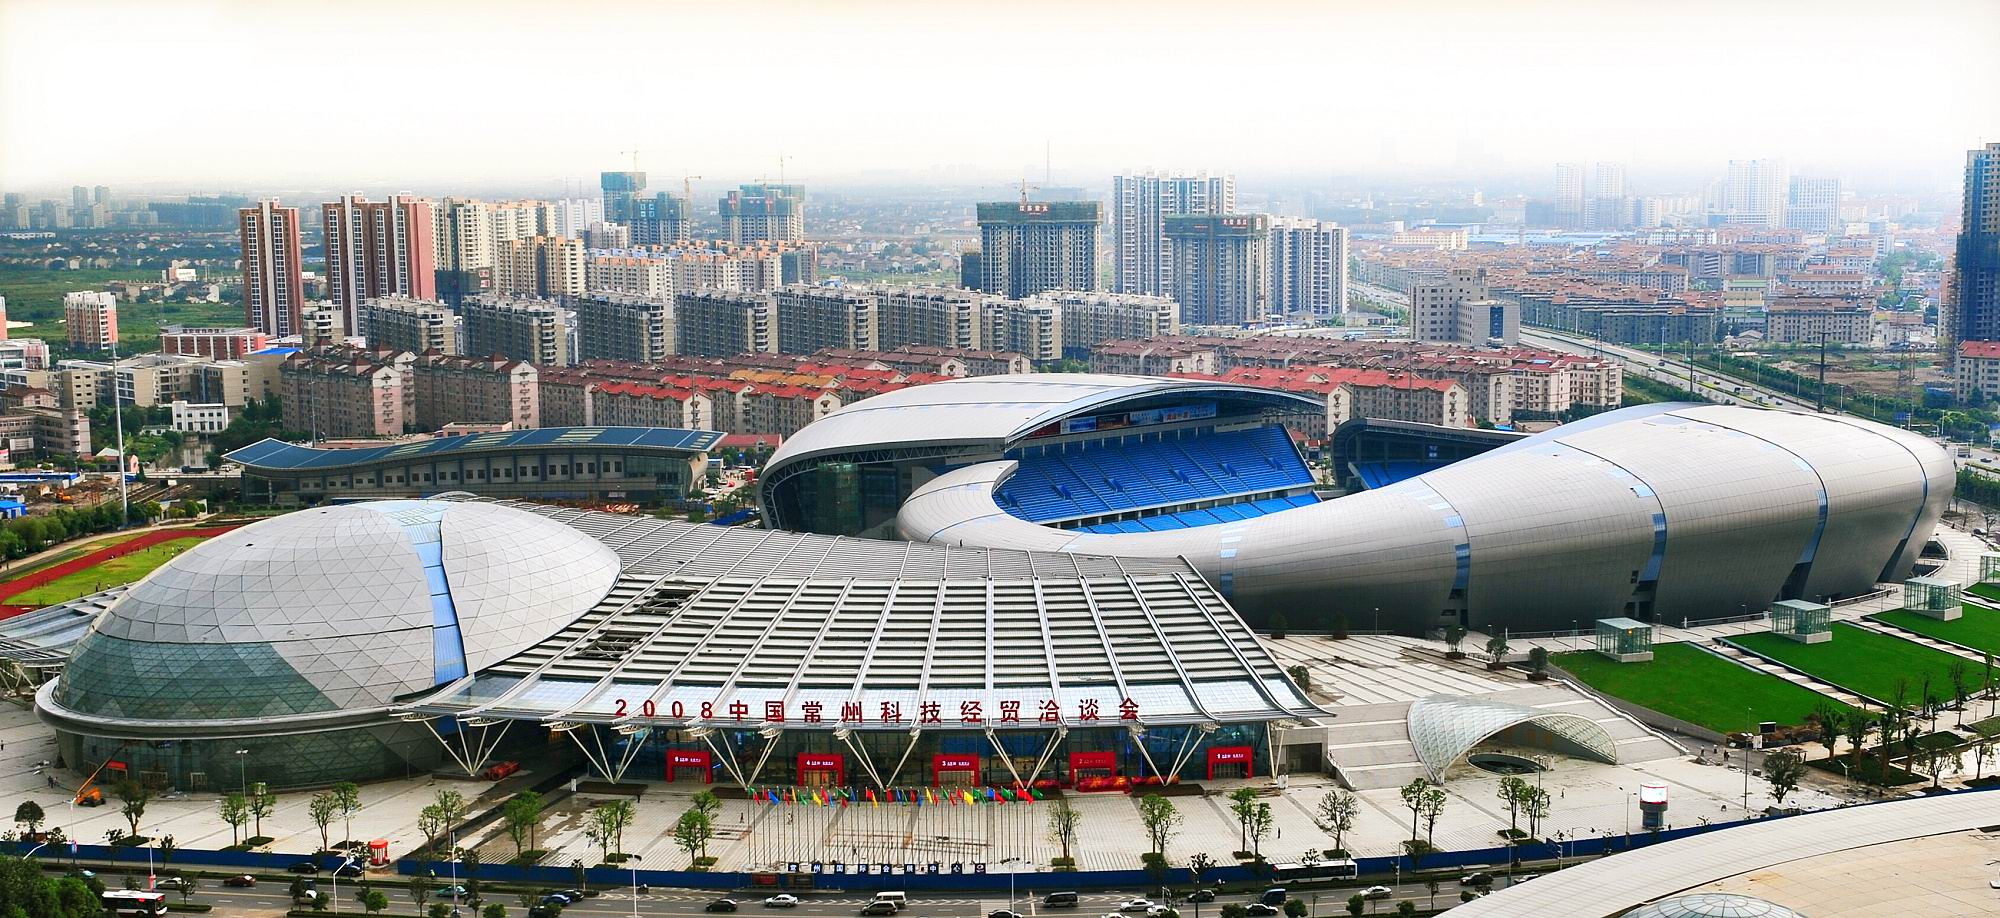 Changzhou China  city photos gallery : Changzhou Olympic Stadium | Teaching ESL in ChangZhou, Jiangsu, China